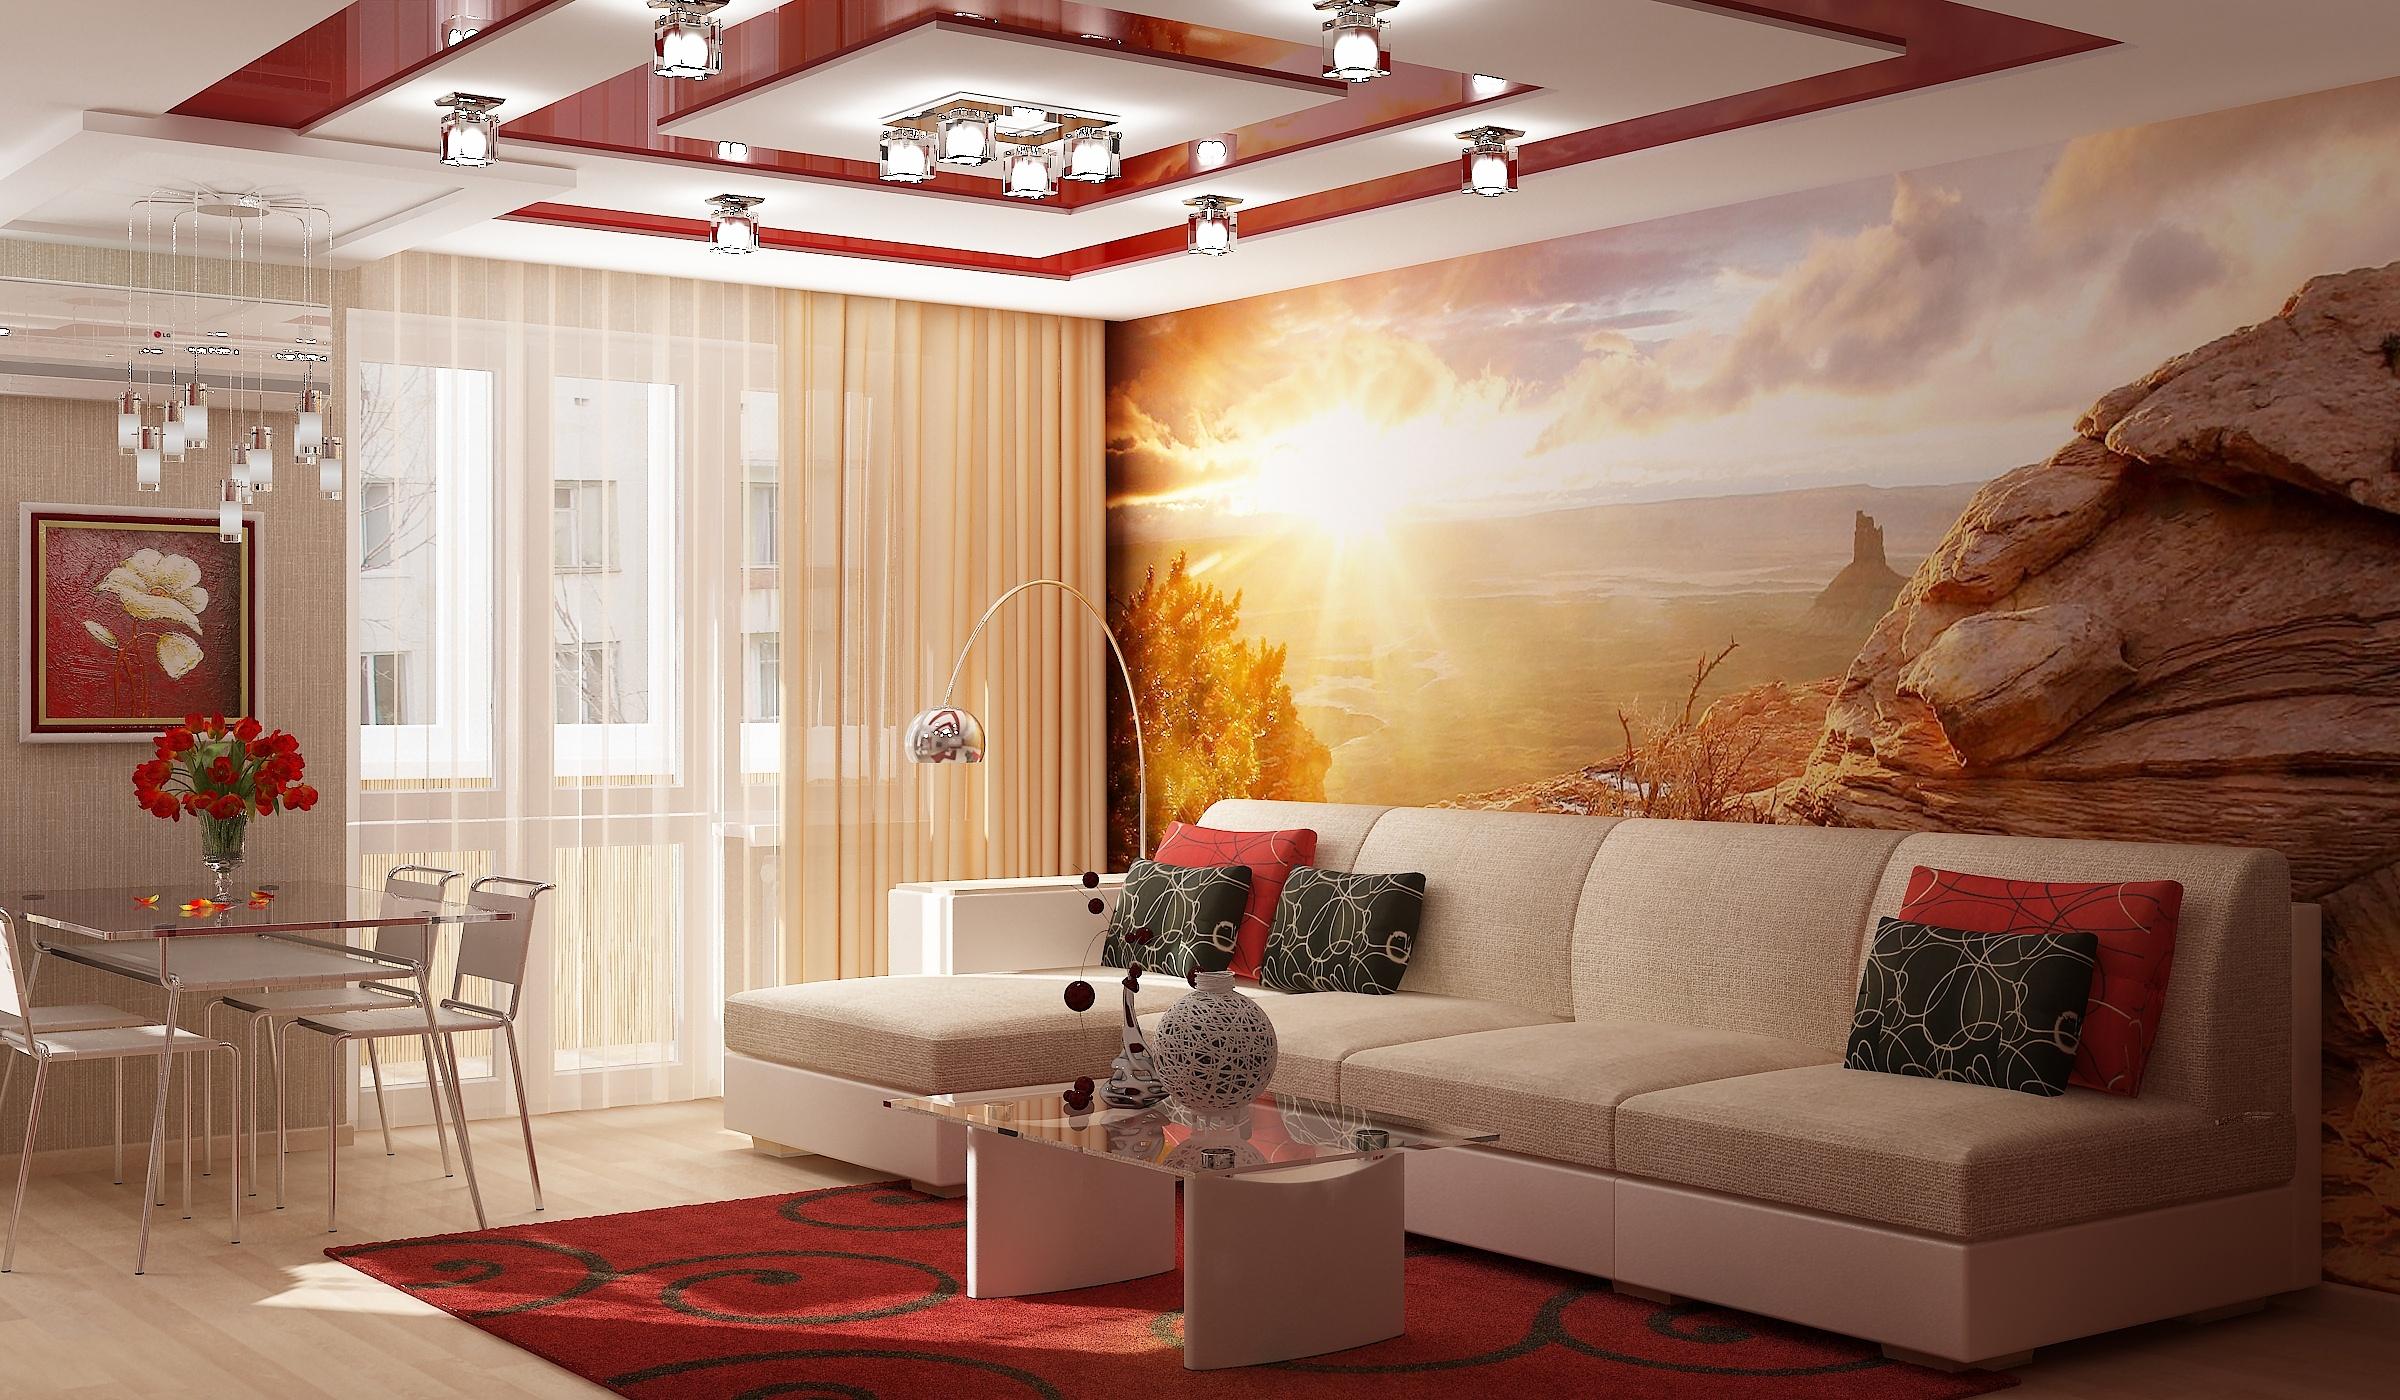 Красивый ремонт в квартире картинки